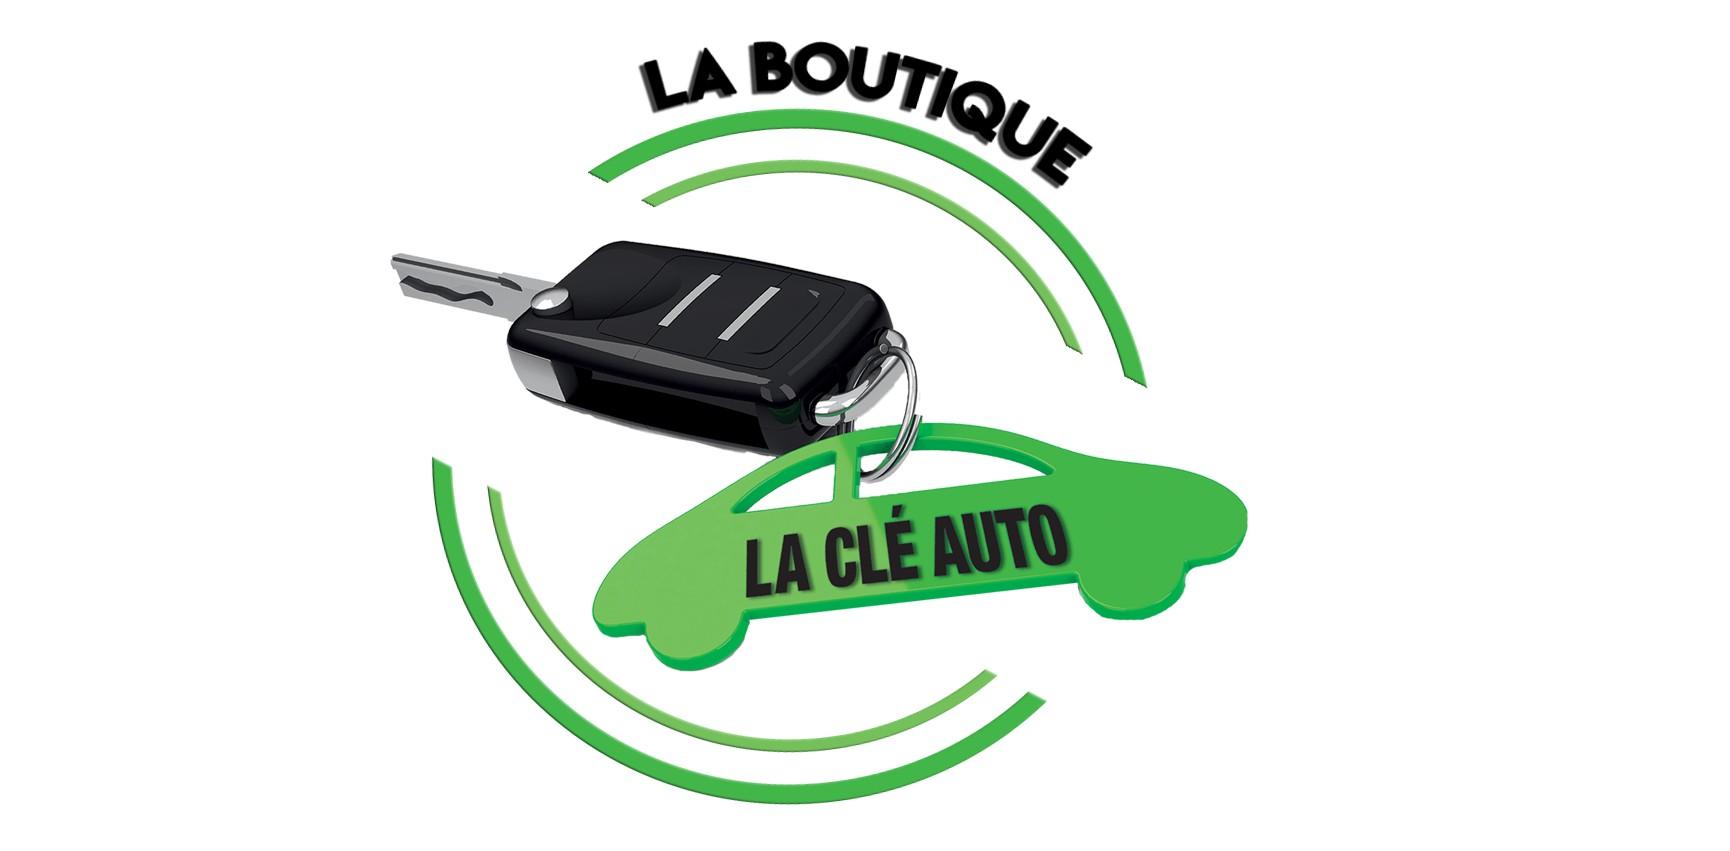 Boutique La Clé Auto